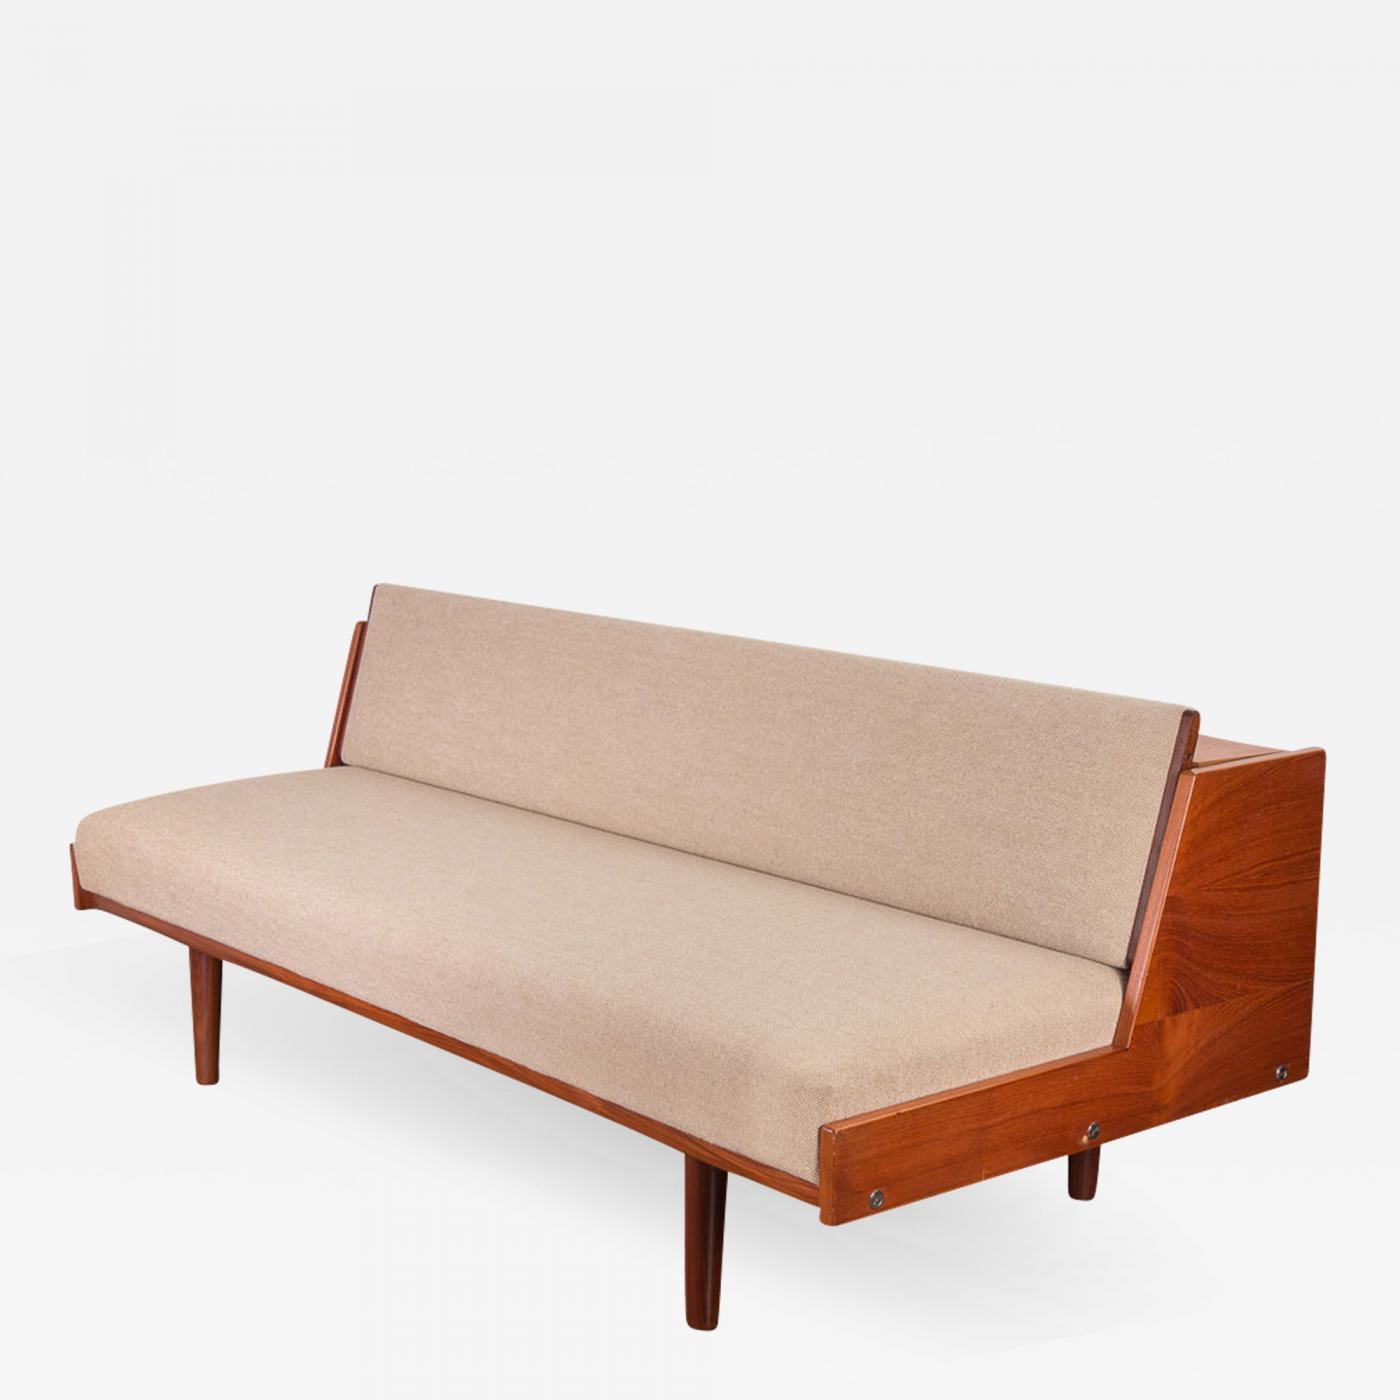 hans wegner hans j wegner ge6 daybed sofa for getama. Black Bedroom Furniture Sets. Home Design Ideas